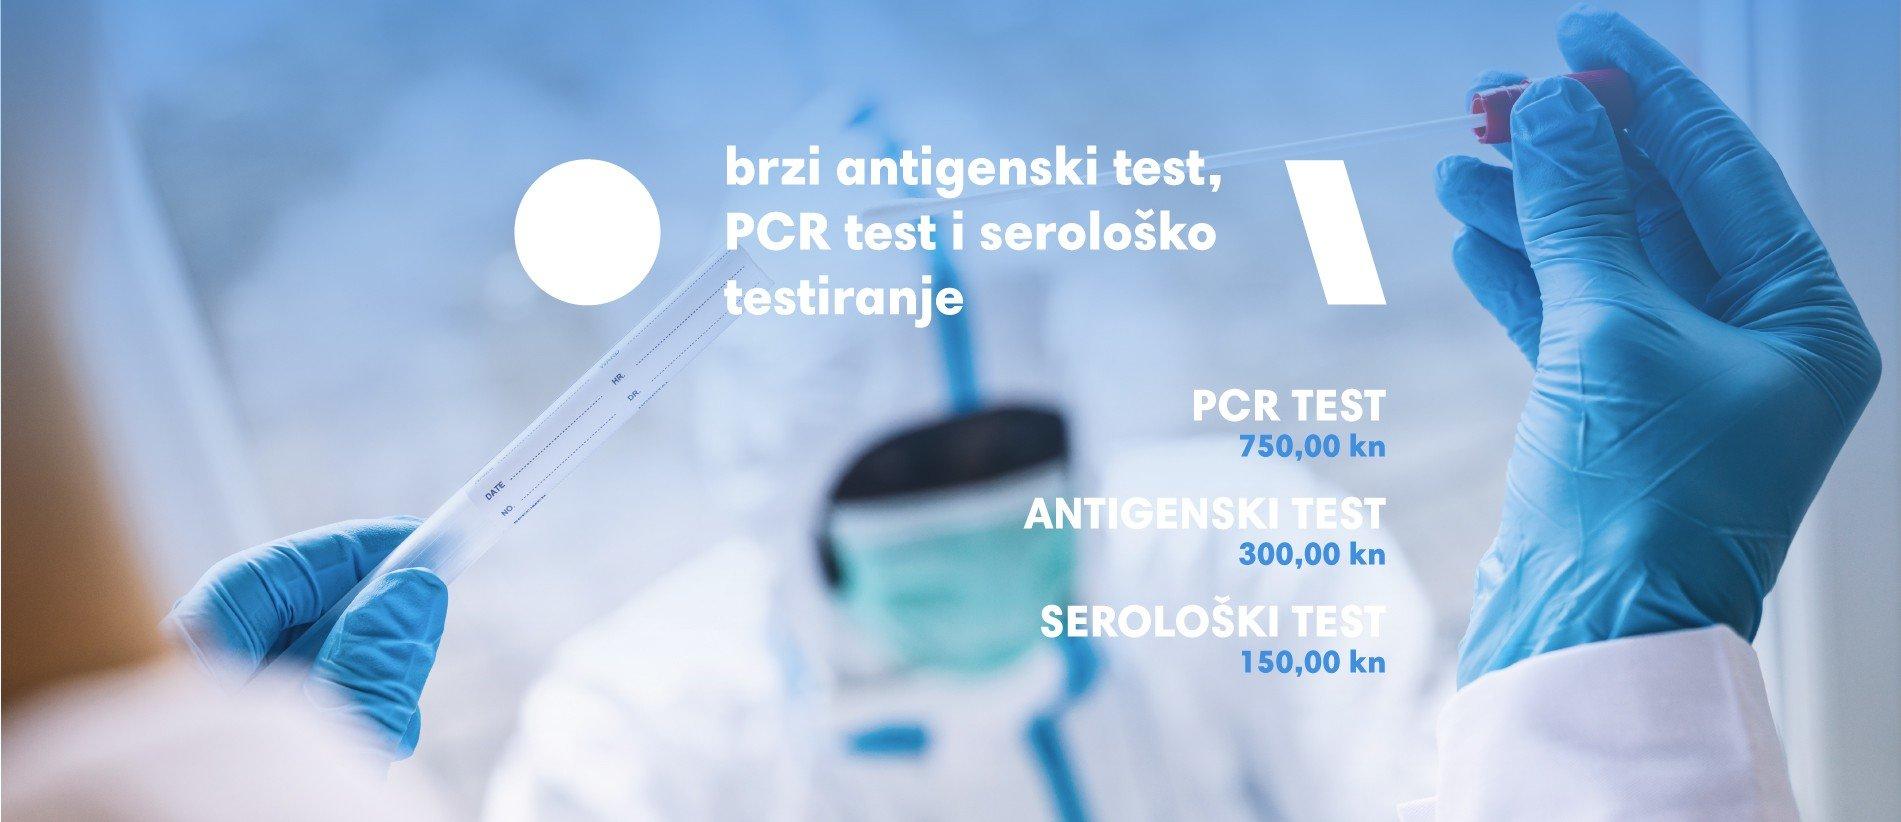 PCR serološki test i brzi antigenski